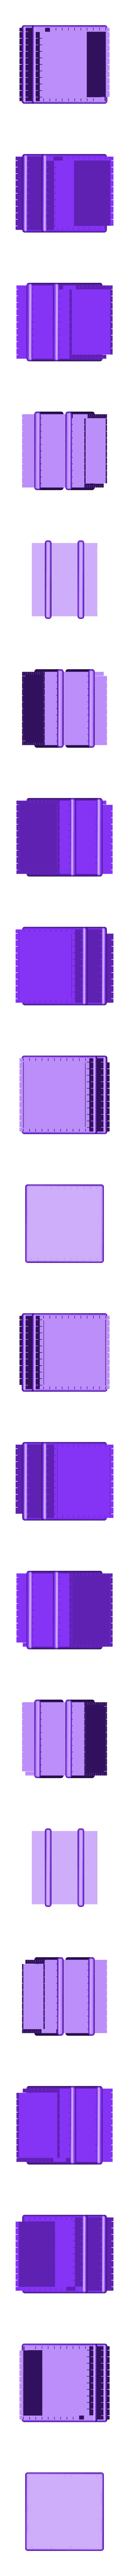 Box_Short.stl Télécharger fichier STL gratuit Une simple boîte secrète • Objet imprimable en 3D, gzumwalt